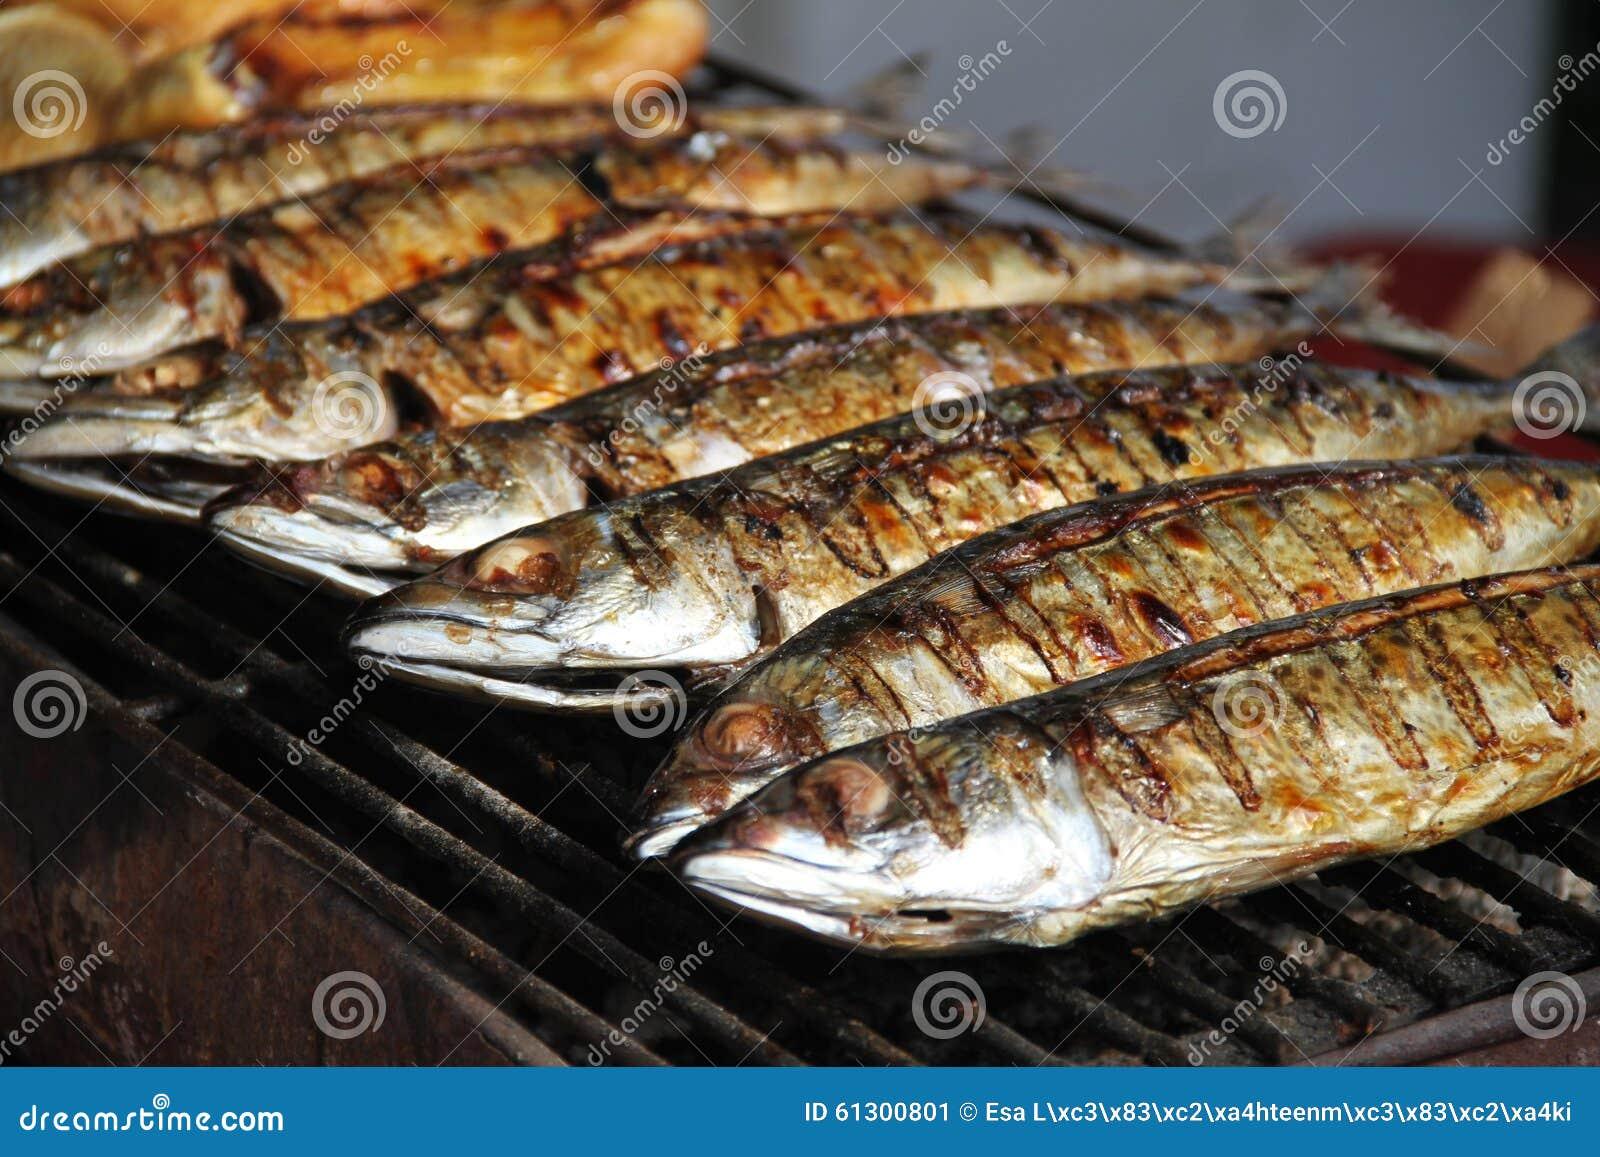 Gegrillte Fische